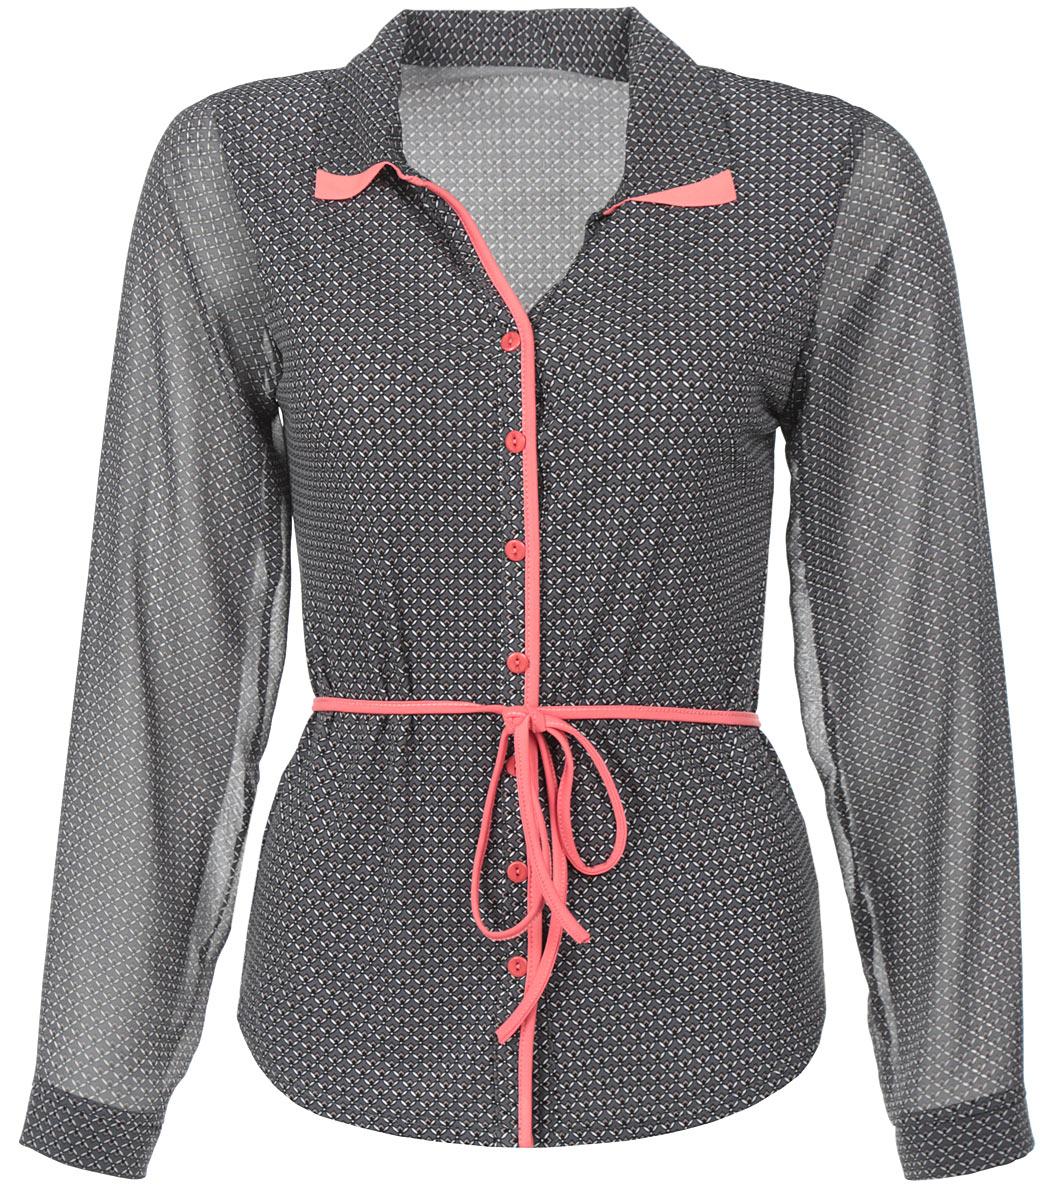 1502-624Стильная блузка Milana Style, выполненная из синтетического материала ПАН с добавлением эластана, подчеркнет ваш уникальный стиль и поможет создать оригинальный женственный образ. Материал очень легкий, мягкий и приятный на ощупь, не сковывает движения и хорошо вентилируется. Блузка с длинными рукавами и отложным воротником оформлена декоративной планкой с пуговицами по всей длине. Рукава выполнены из полупрозрачной легкой ткани. Манжеты рукавов также застегиваются на пуговицы. Закругленный низ блузки придает образу утонченности. По всей поверхности изделие оформлено мелким принтом и дополнено текстильным поясом. Такая блузка будет дарить вам комфорт в течение всего дня и послужит замечательным дополнением к вашему гардеробу.